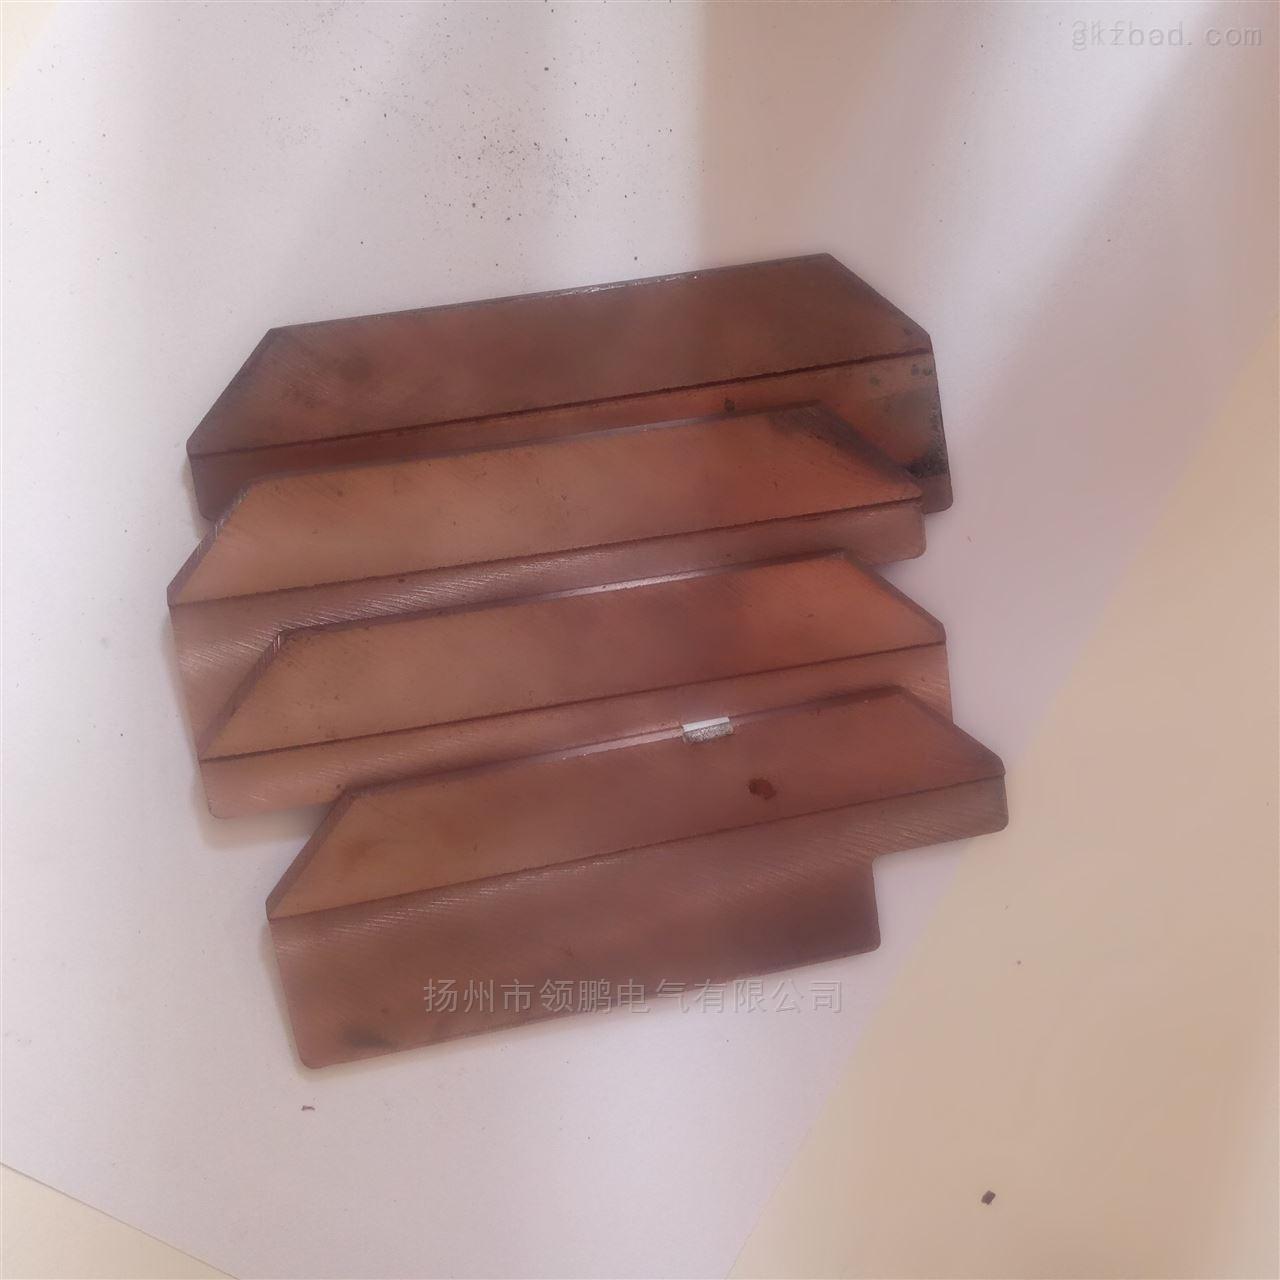 供应单极集电器铜夹子,加厚加长型